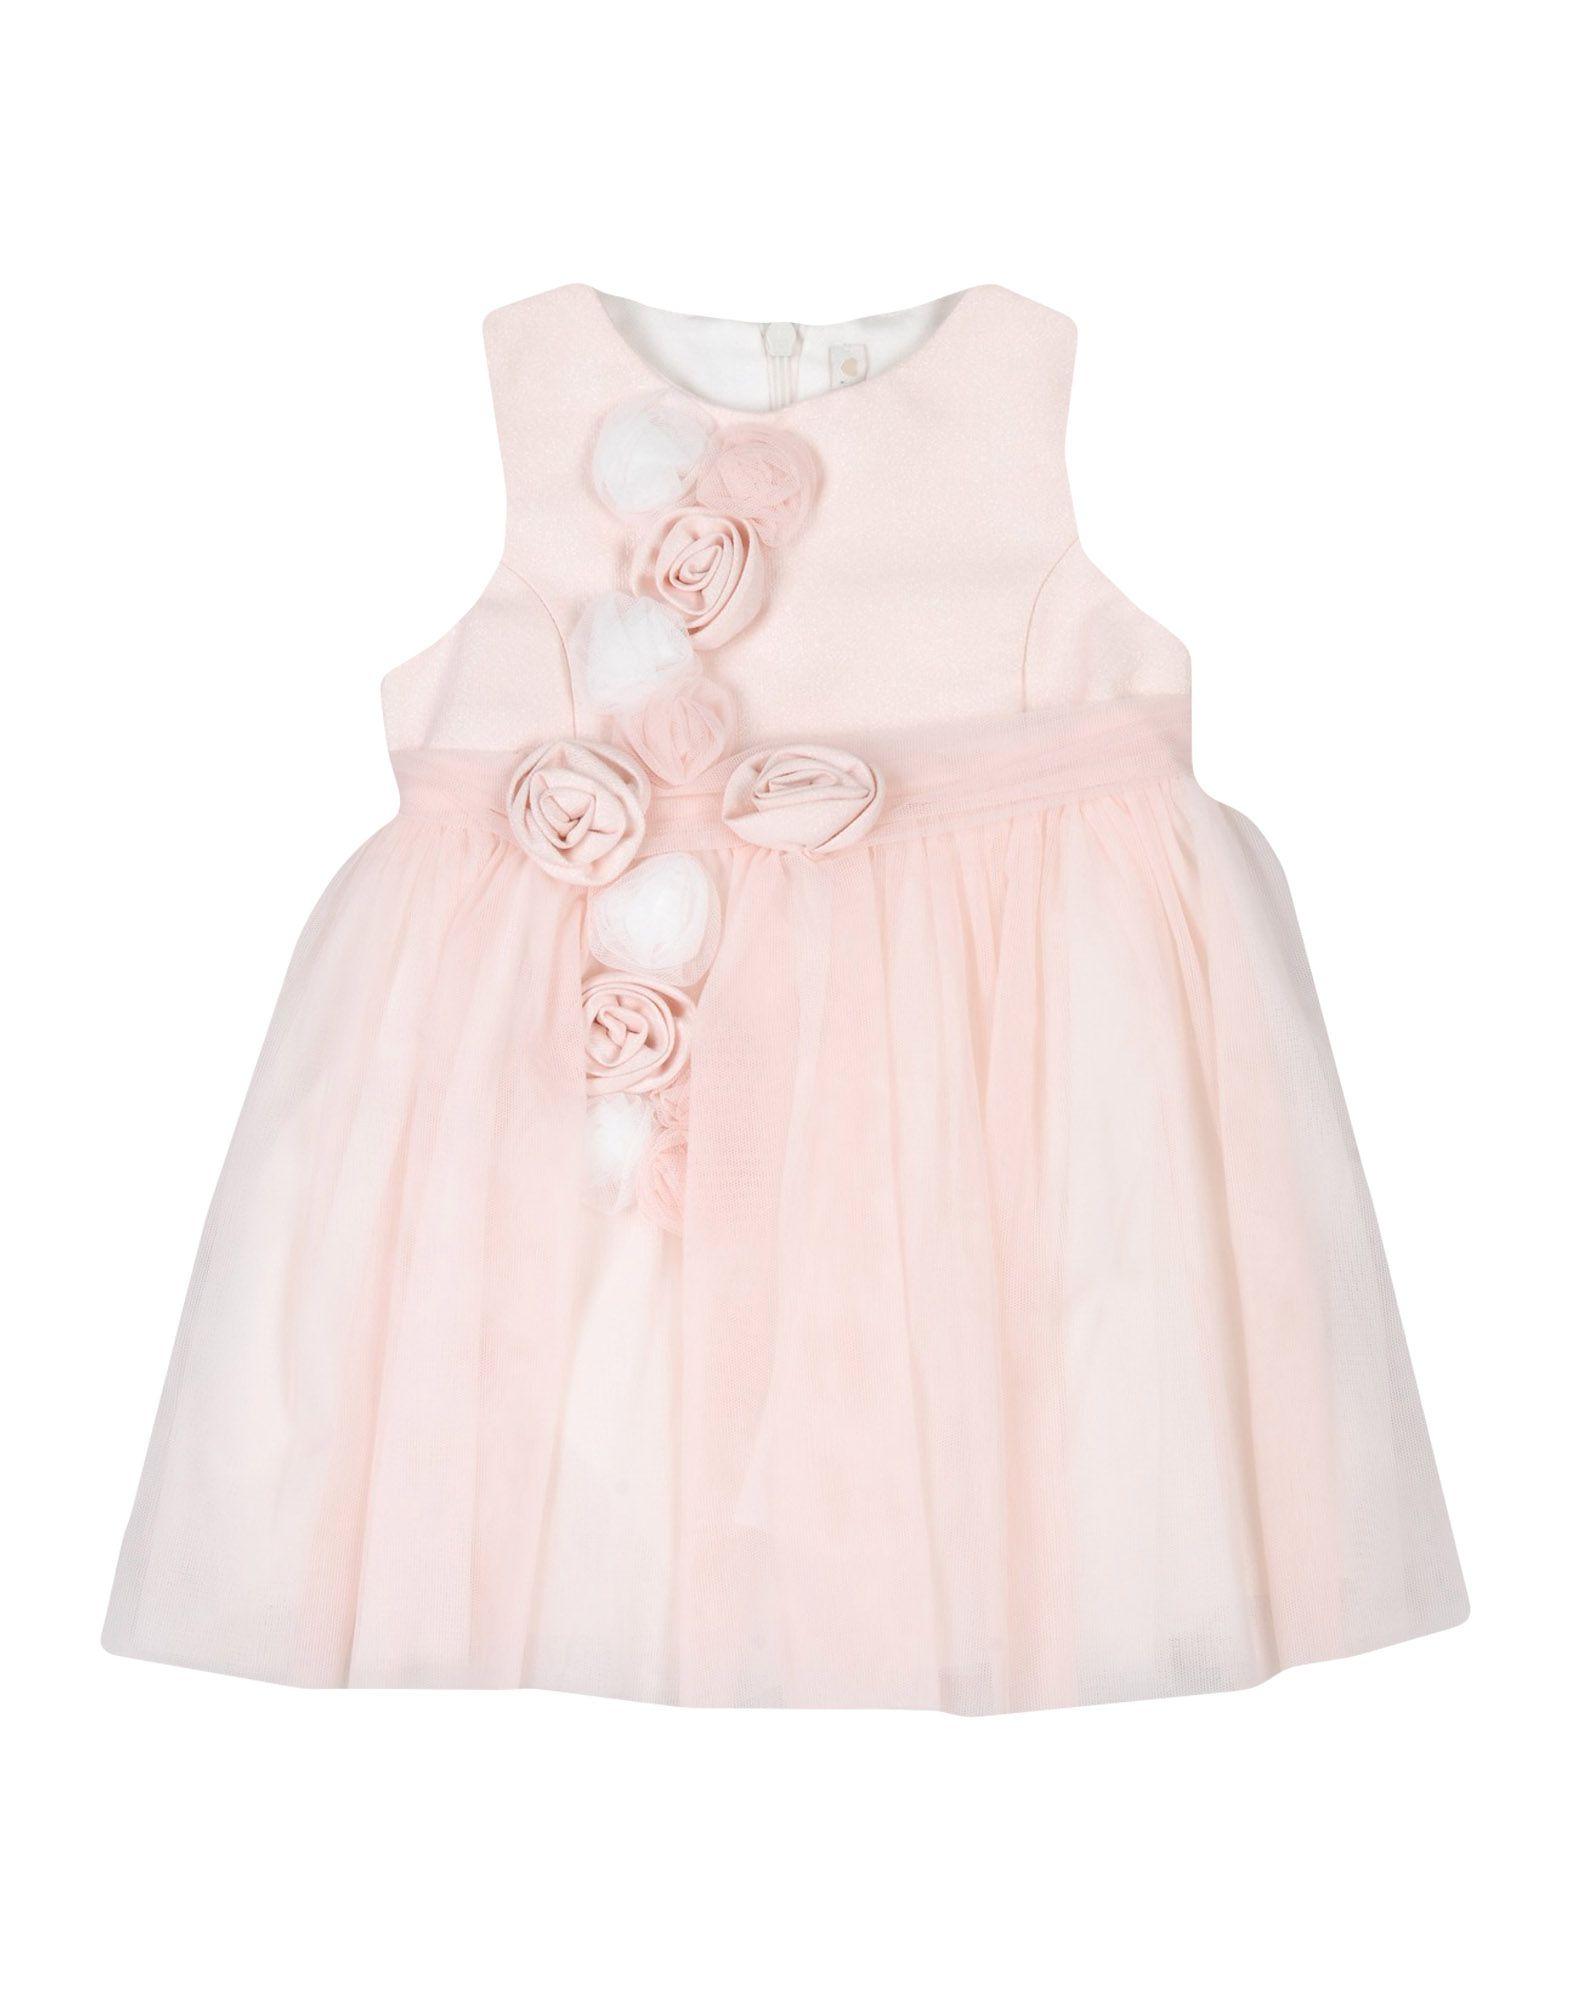 NANÁN Dresses - Item 34847487